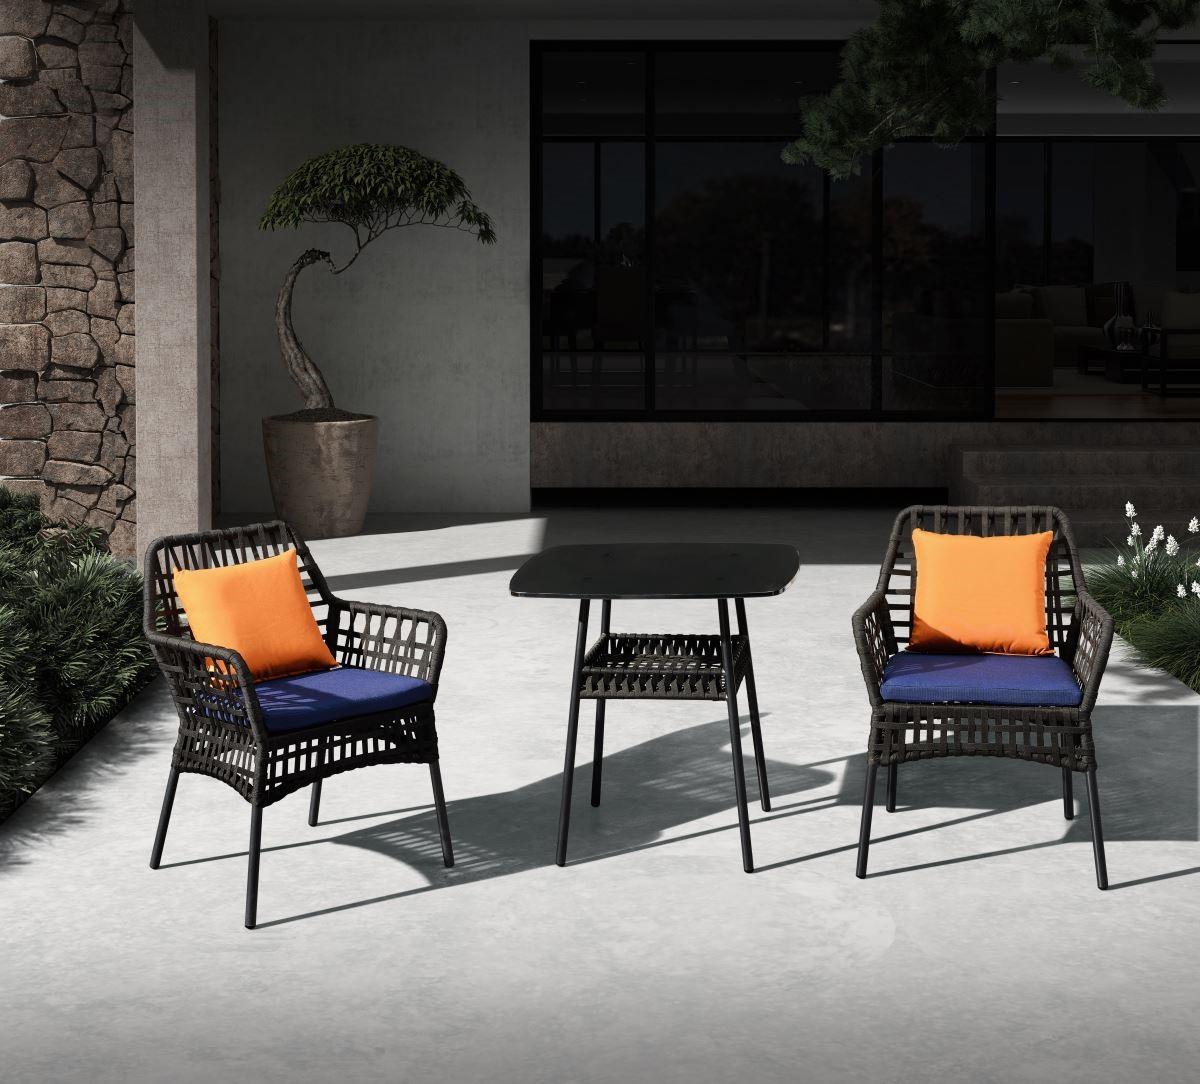 VIOLAS-雅致的情人座椅,除了外型的設計感十足外,也無須佔用太多空間坪數,讓空間視覺也能整齊劃一。